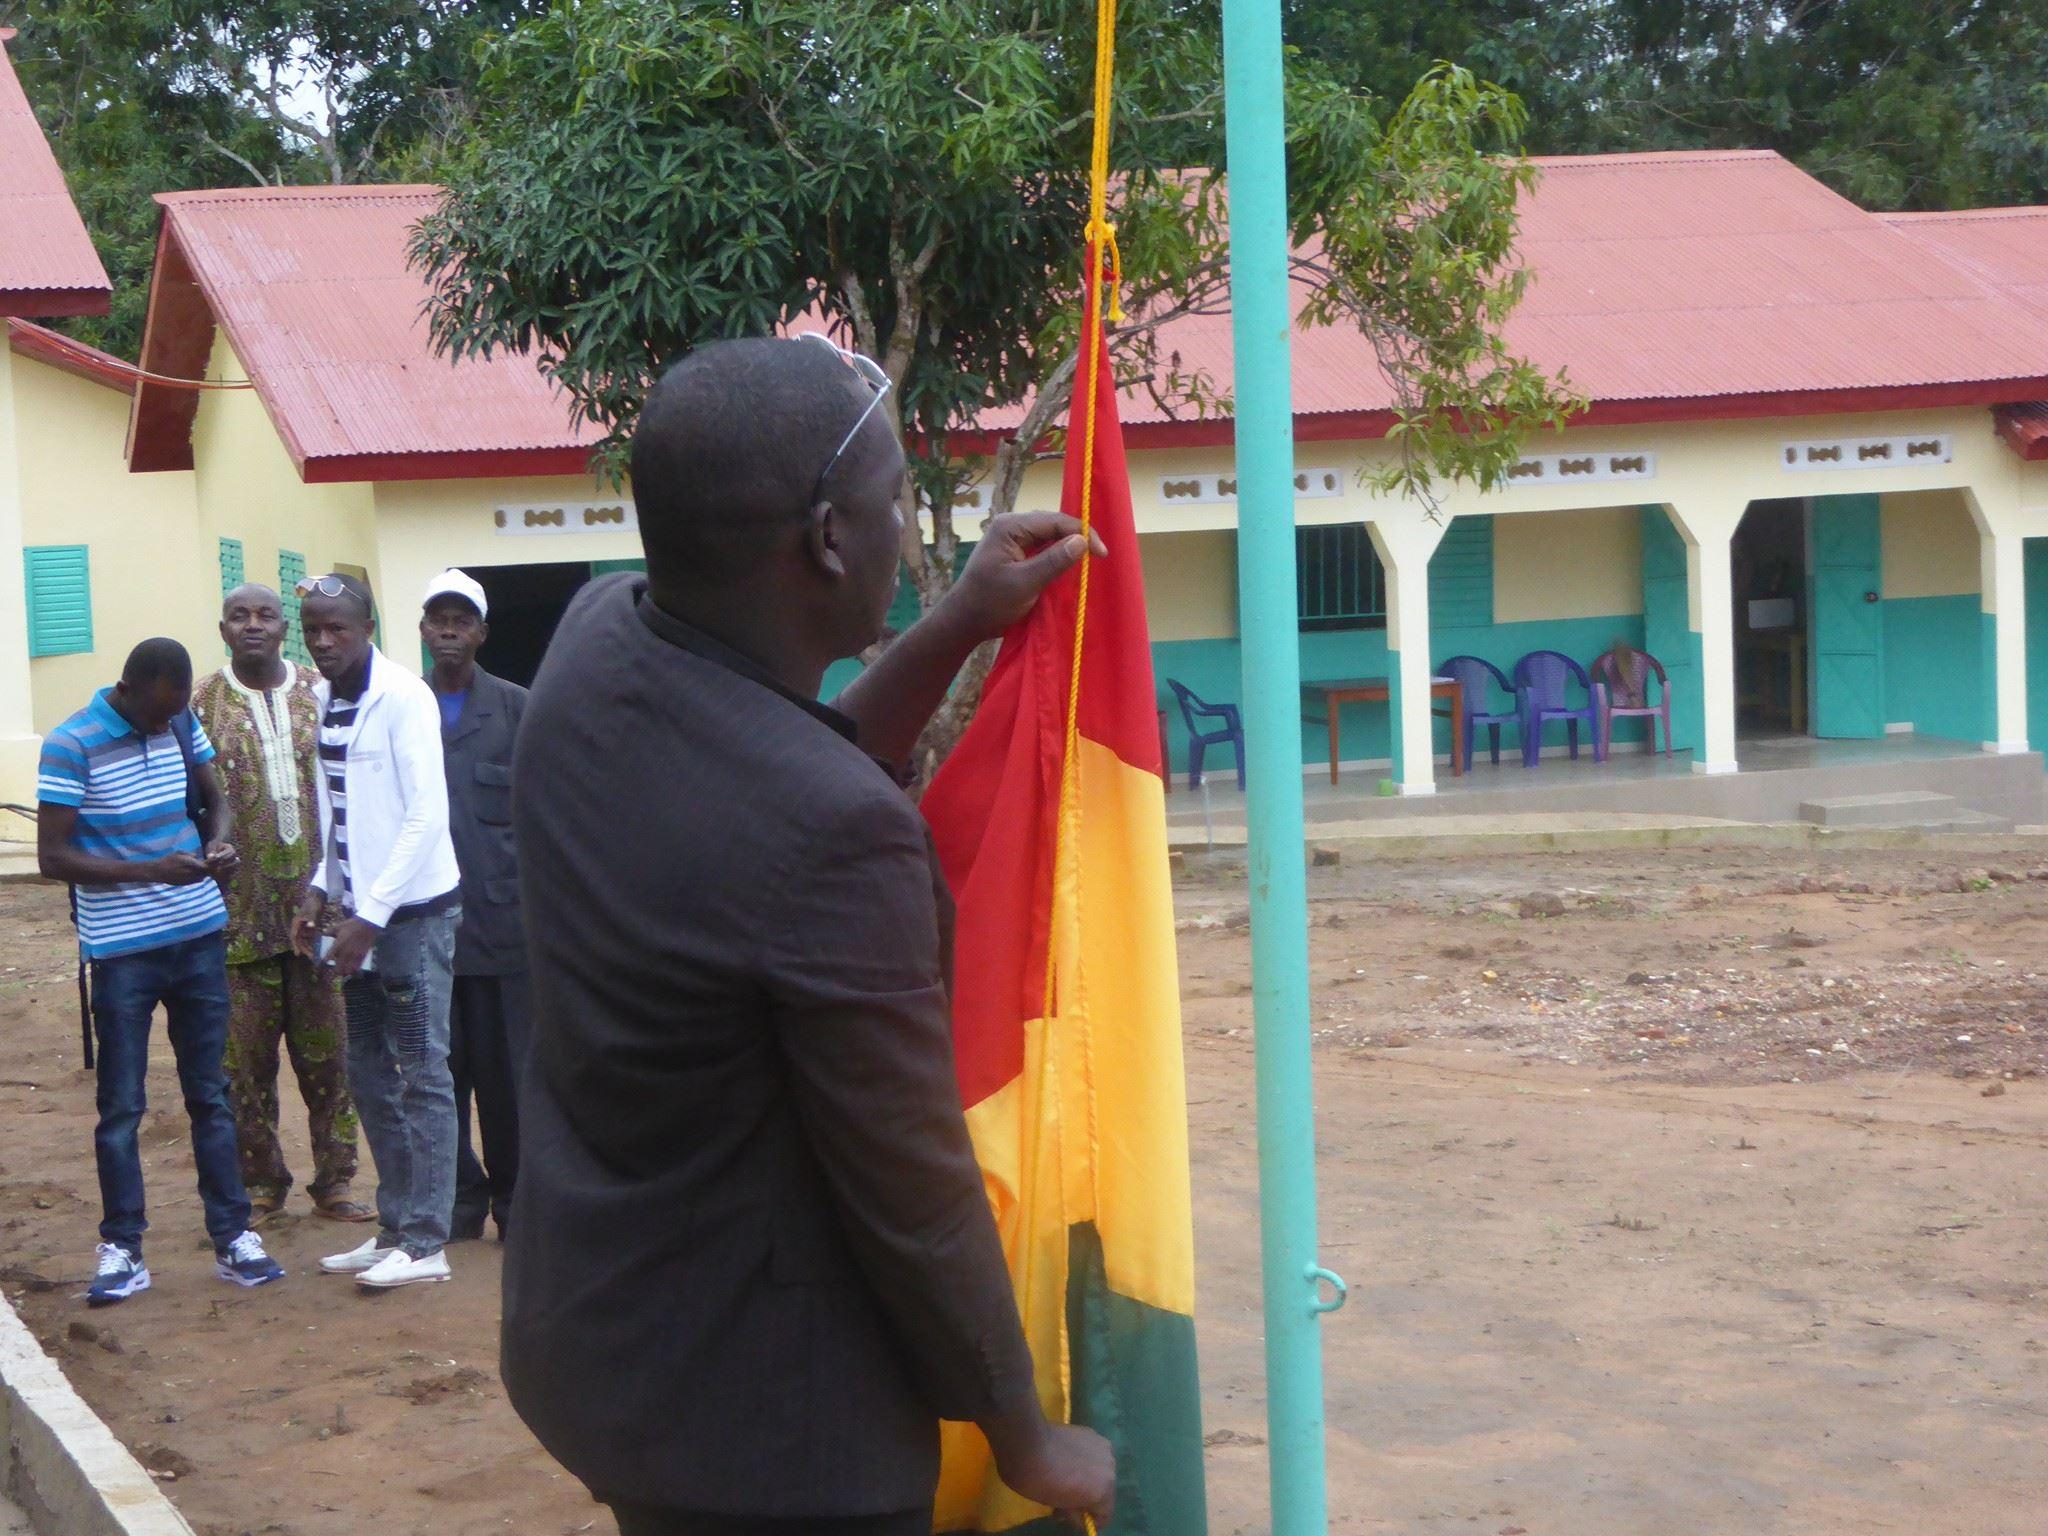 Fahne wird gehisst